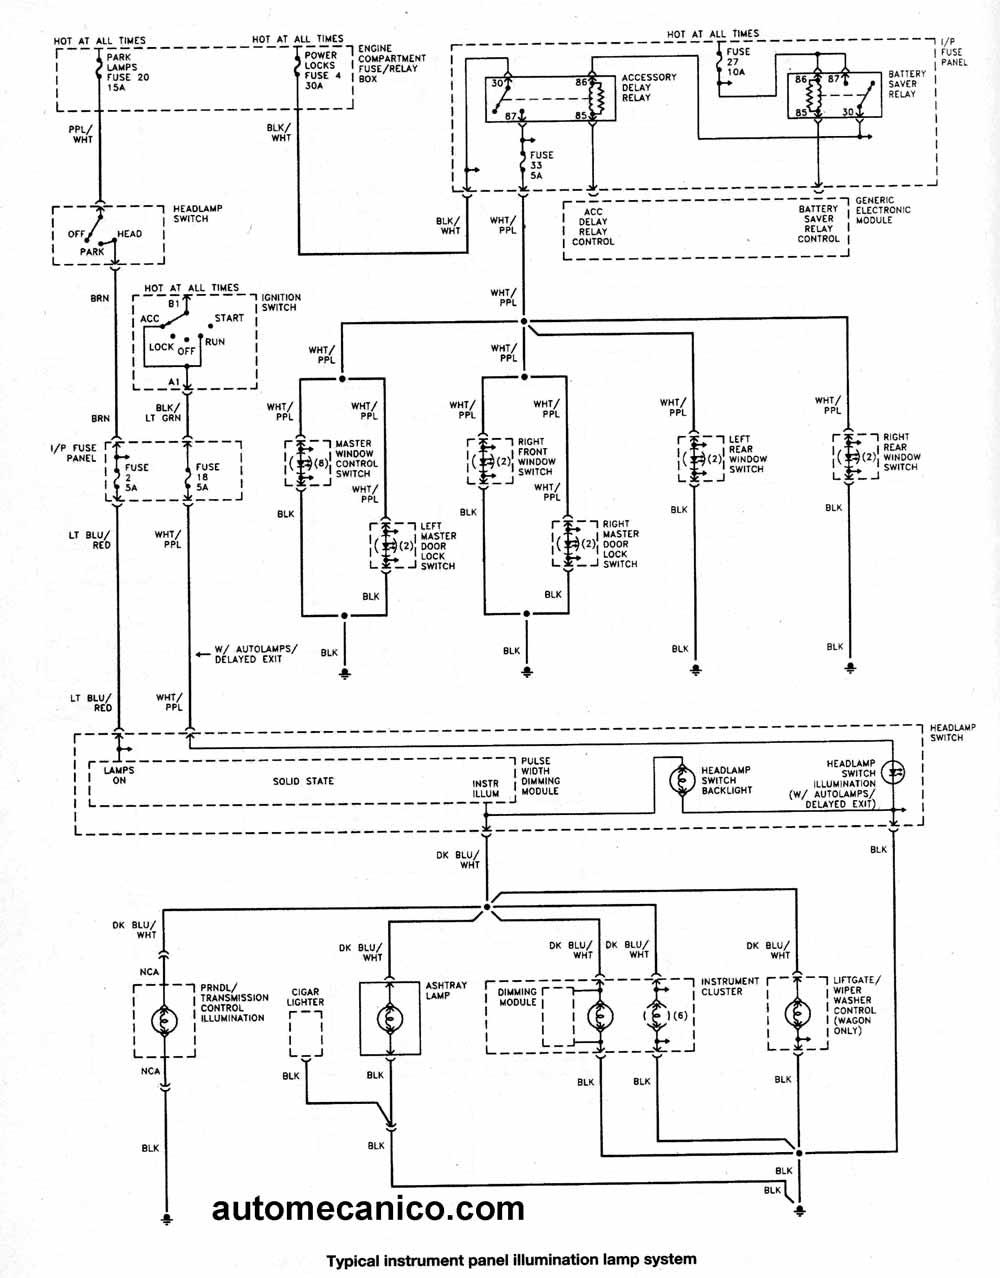 FORD Diagramas esquemas electricos Taurus mecanica